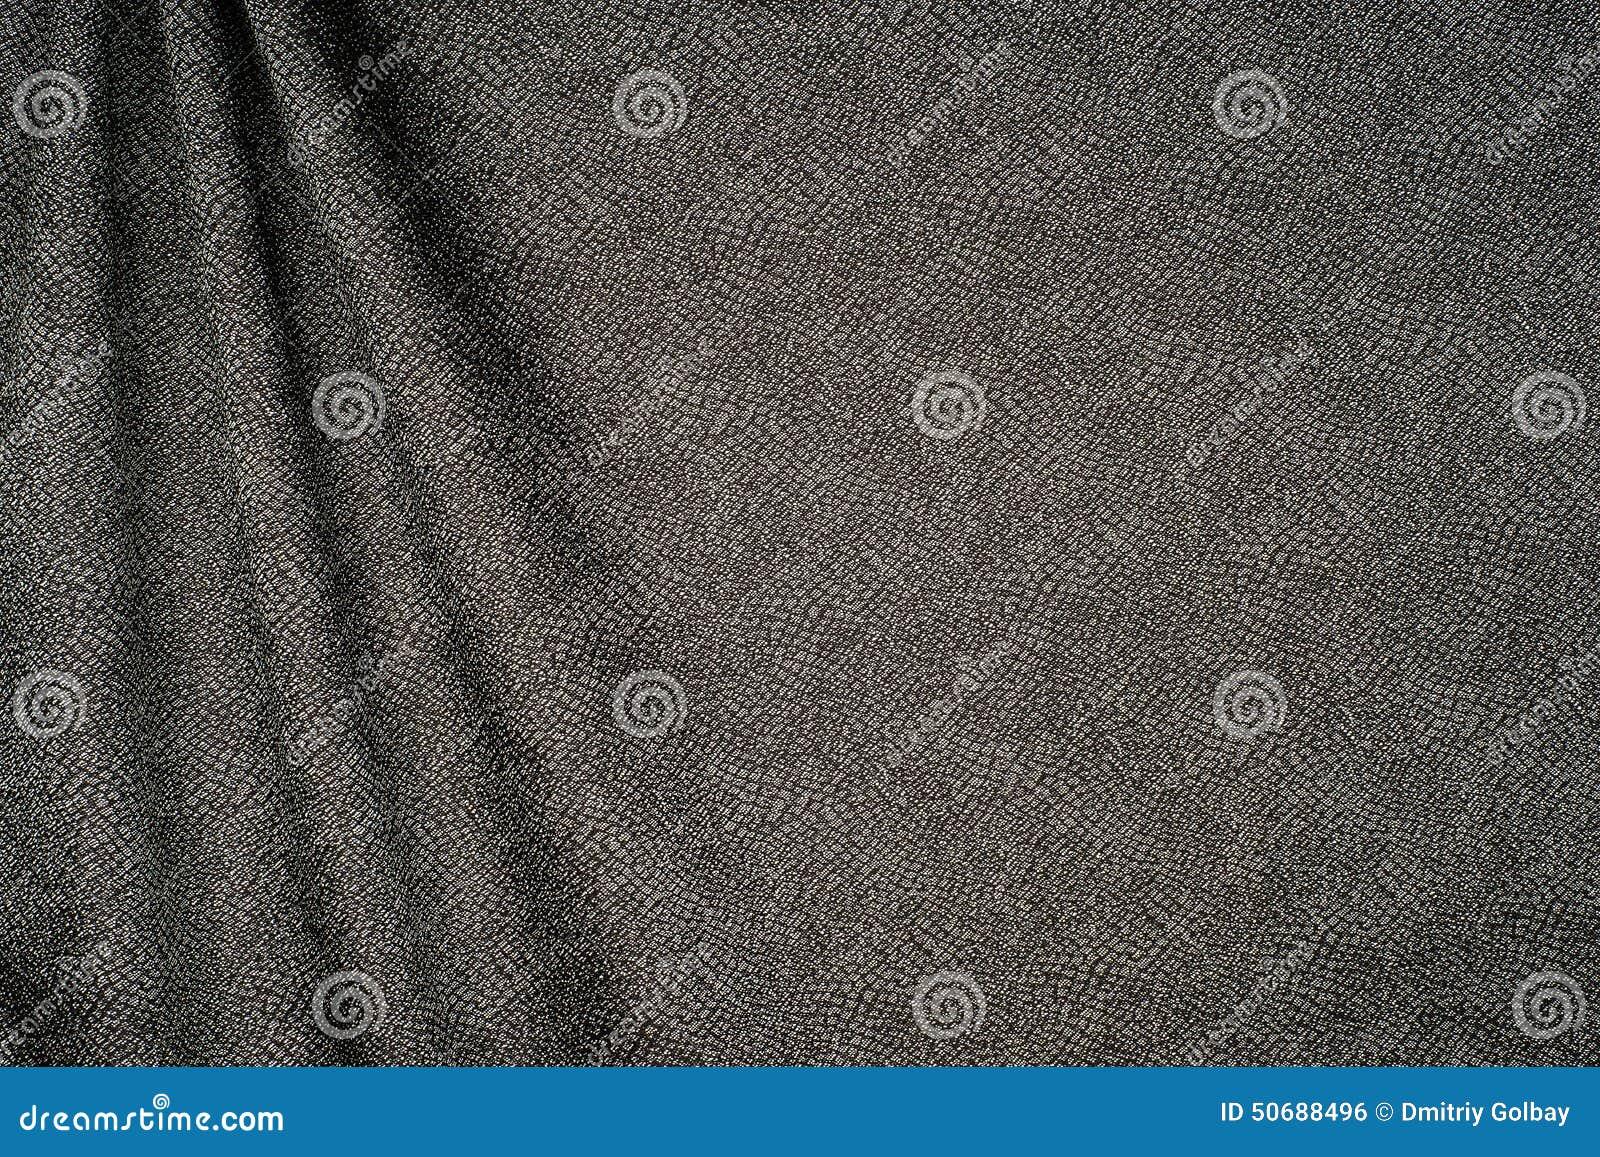 Download 万维网的抽象背景关闭设计织品纹理 库存照片. 图片 包括有 激情, 肉欲, 浪漫, 灰色, 布料, 淡光 - 50688496